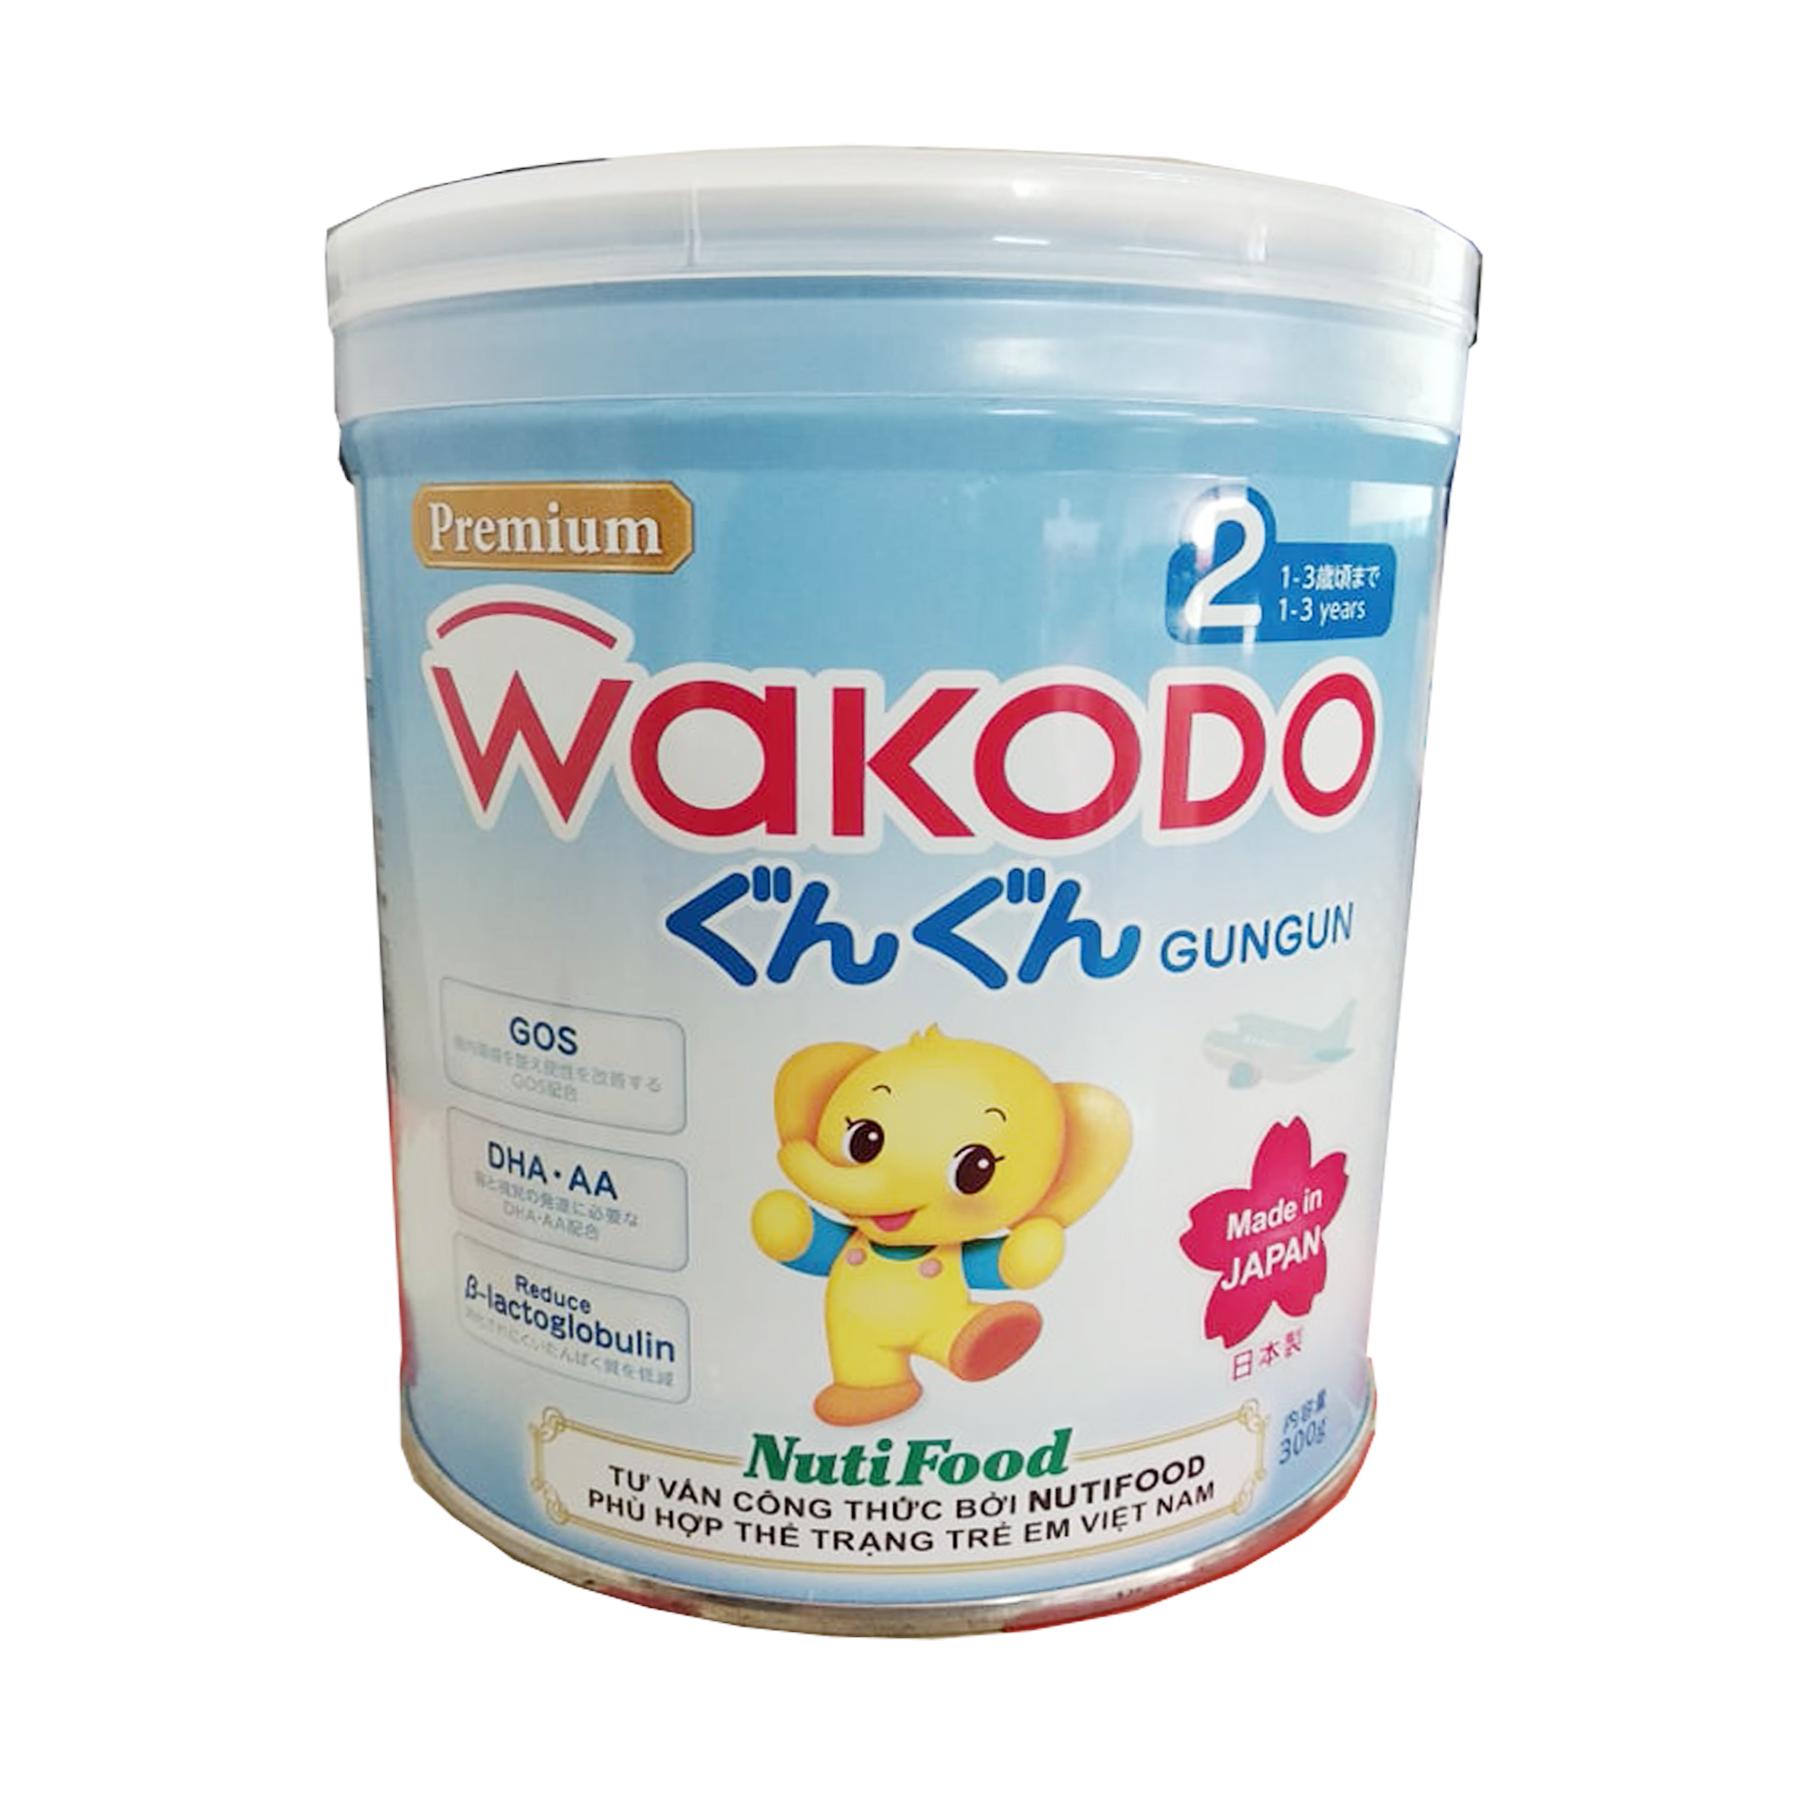 Wakodo GunGun 2 300 Gr ( Made in Japan ) : Sữa tăng trưởng dành cho trẻ từ 1-3 tuổi